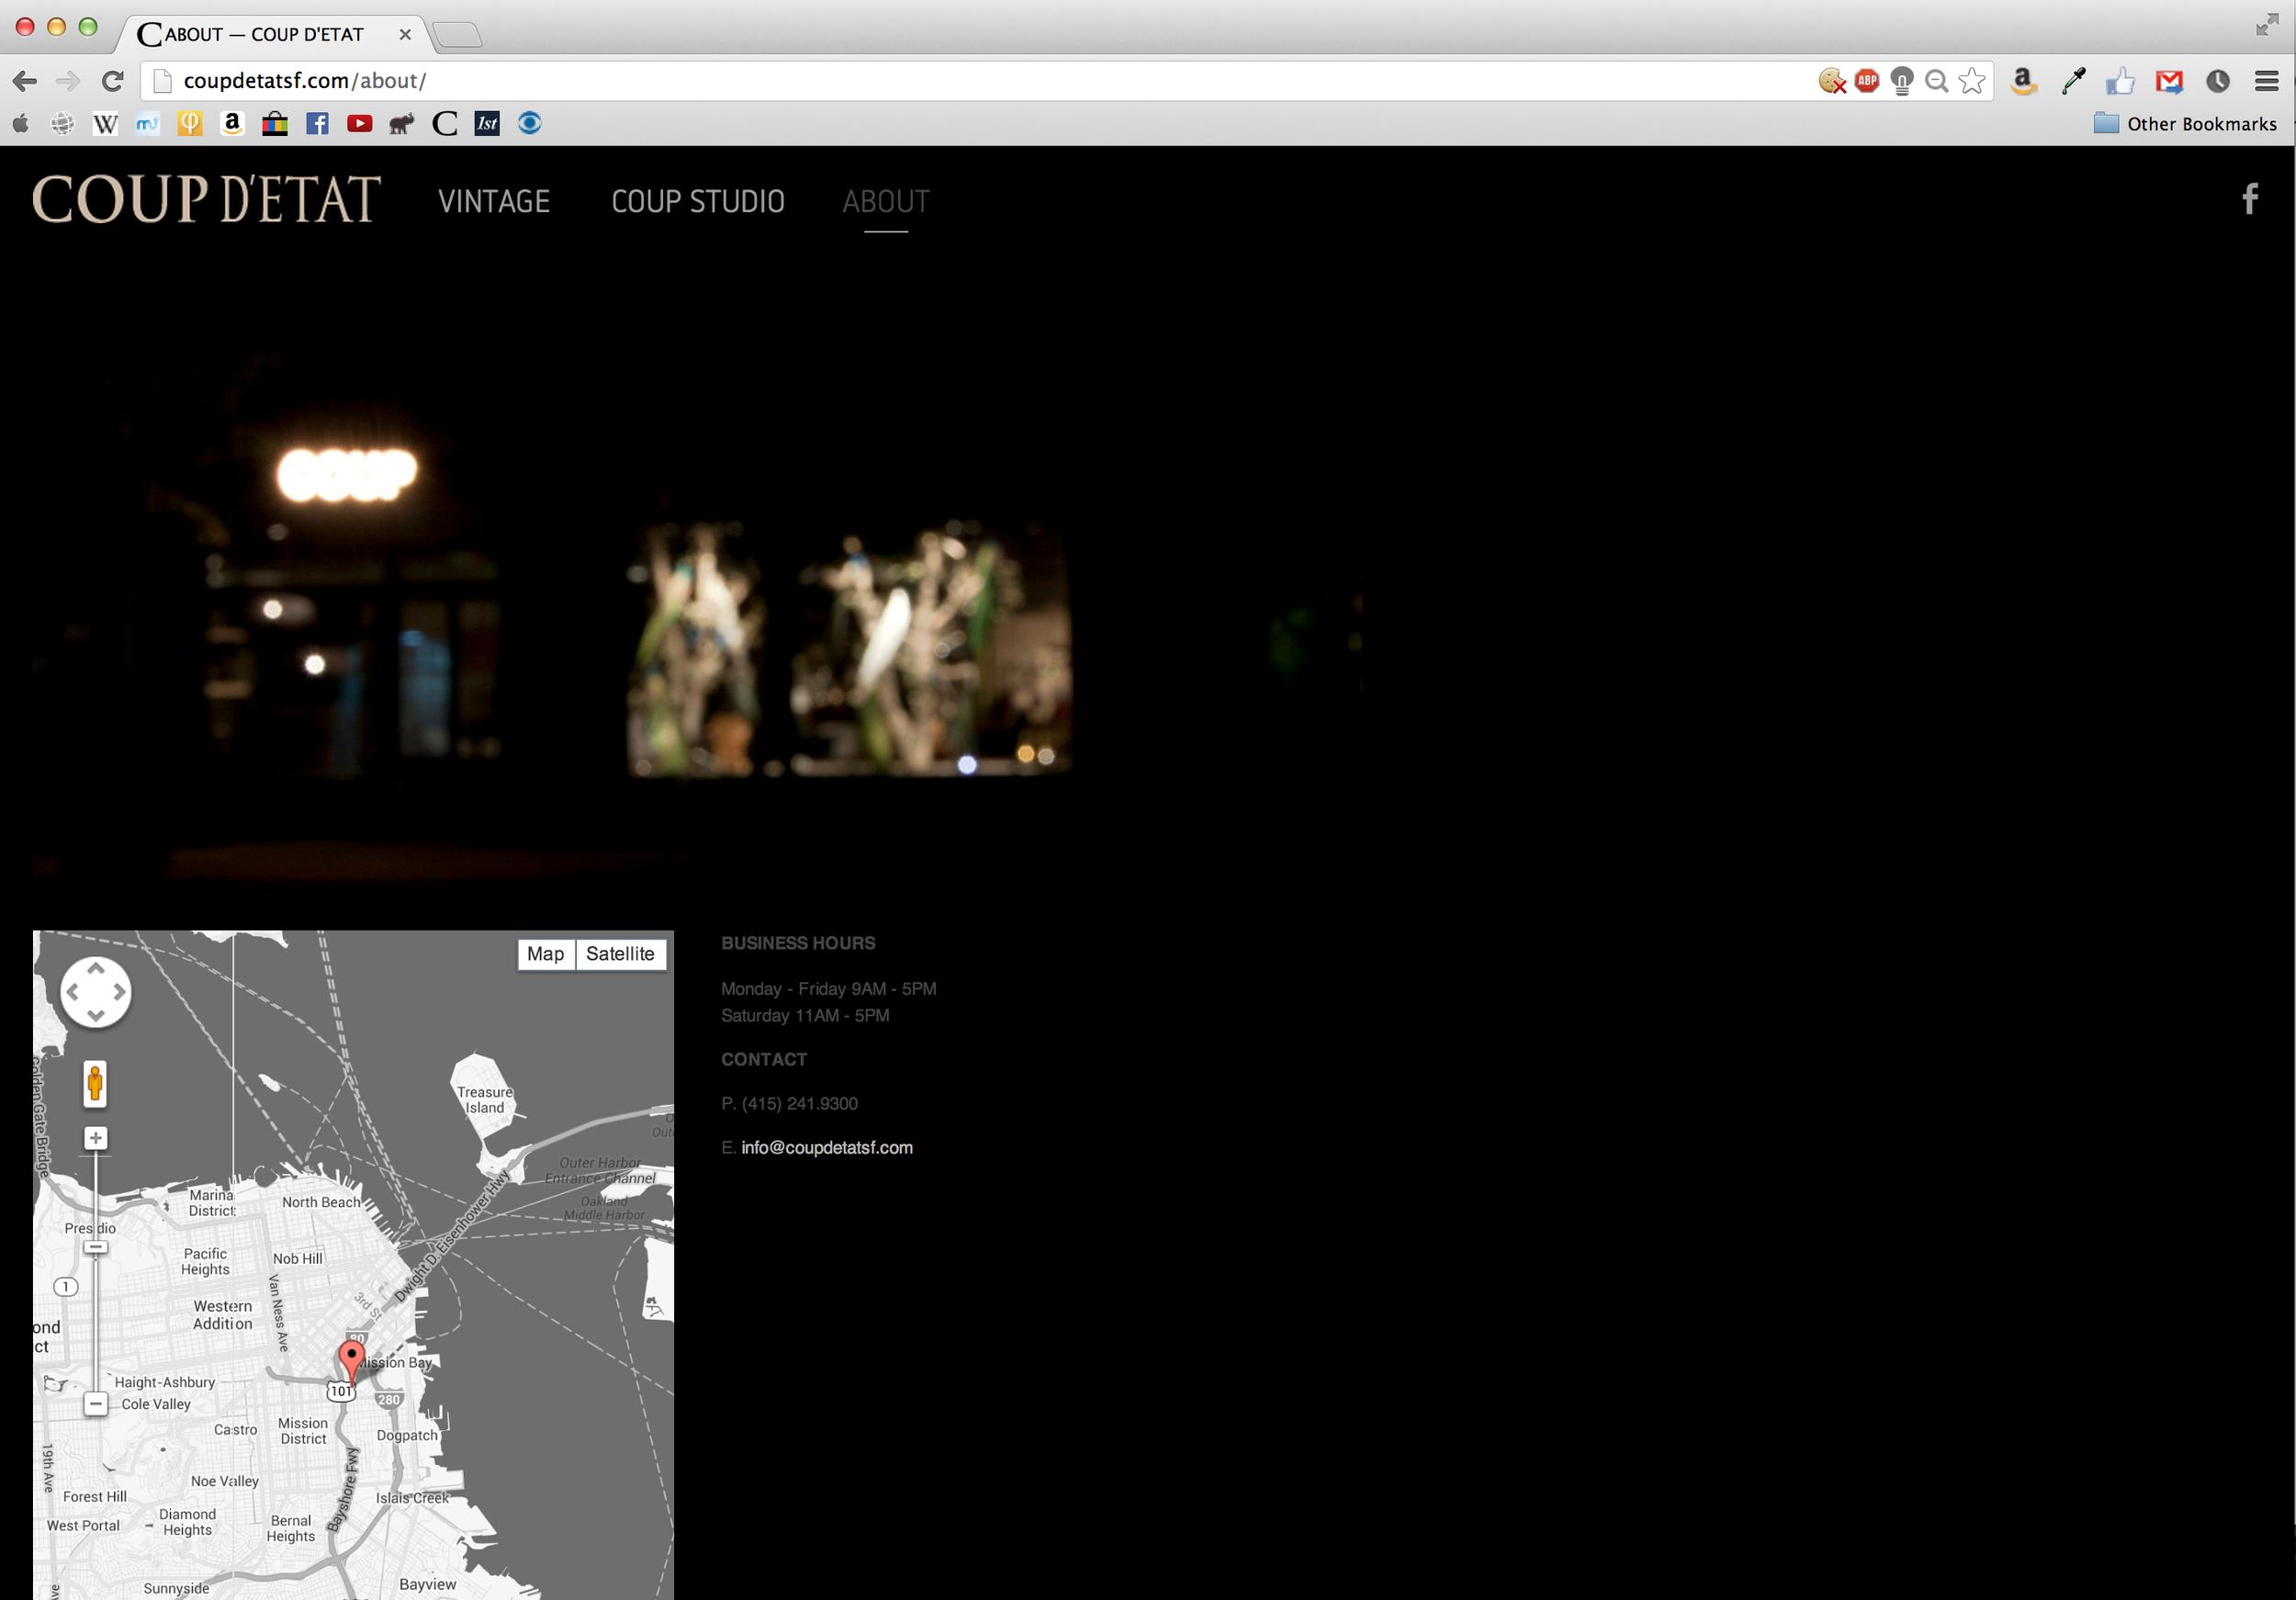 Screen Shot 2013-08-14 at 11.38.54 AM.png